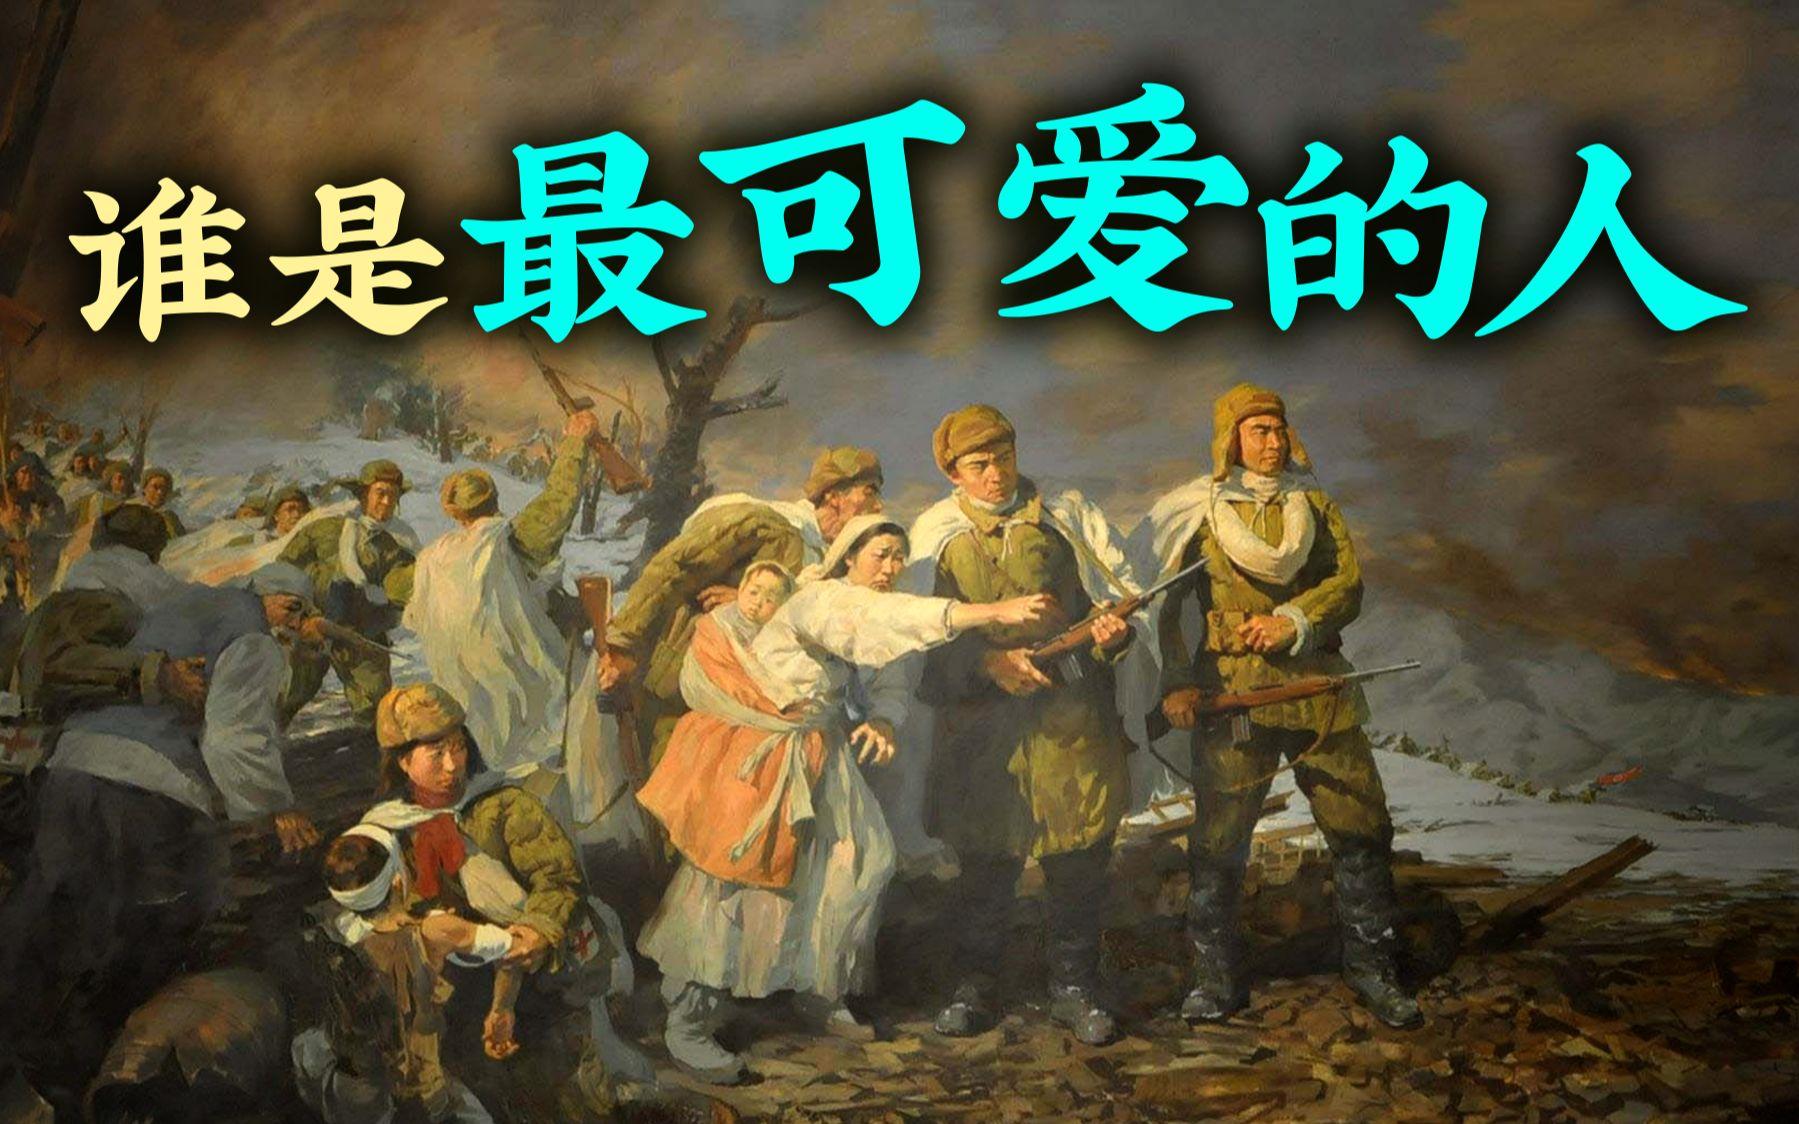 【从书说起】国内有人企图否定朝鲜战争?是时候讲讲这场战争的细节了!